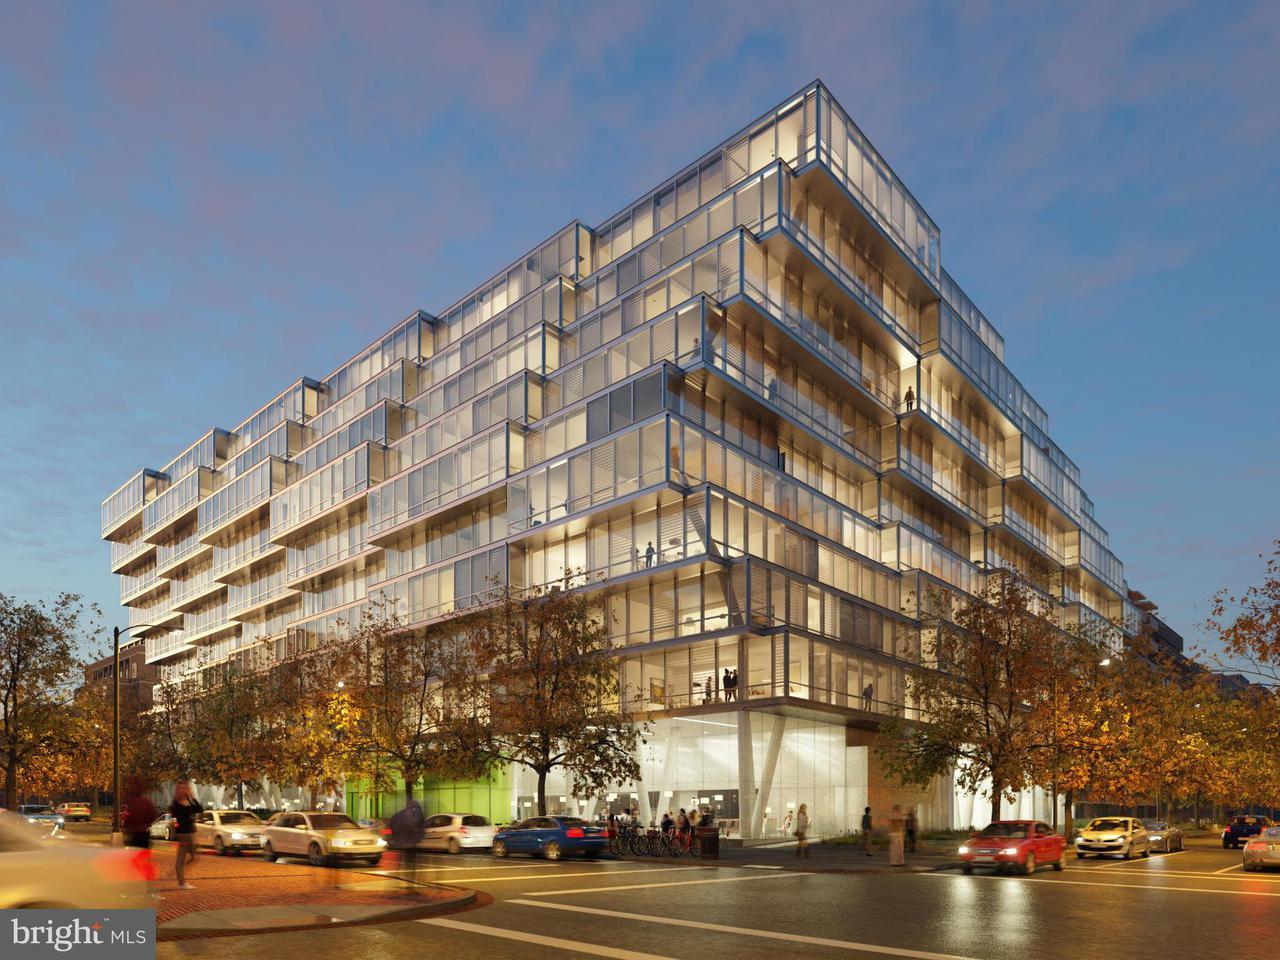 Eigentumswohnung für Verkauf beim 1111 24th St Nw #73 1111 24th St Nw #73 Washington, District Of Columbia 20037 Vereinigte Staaten